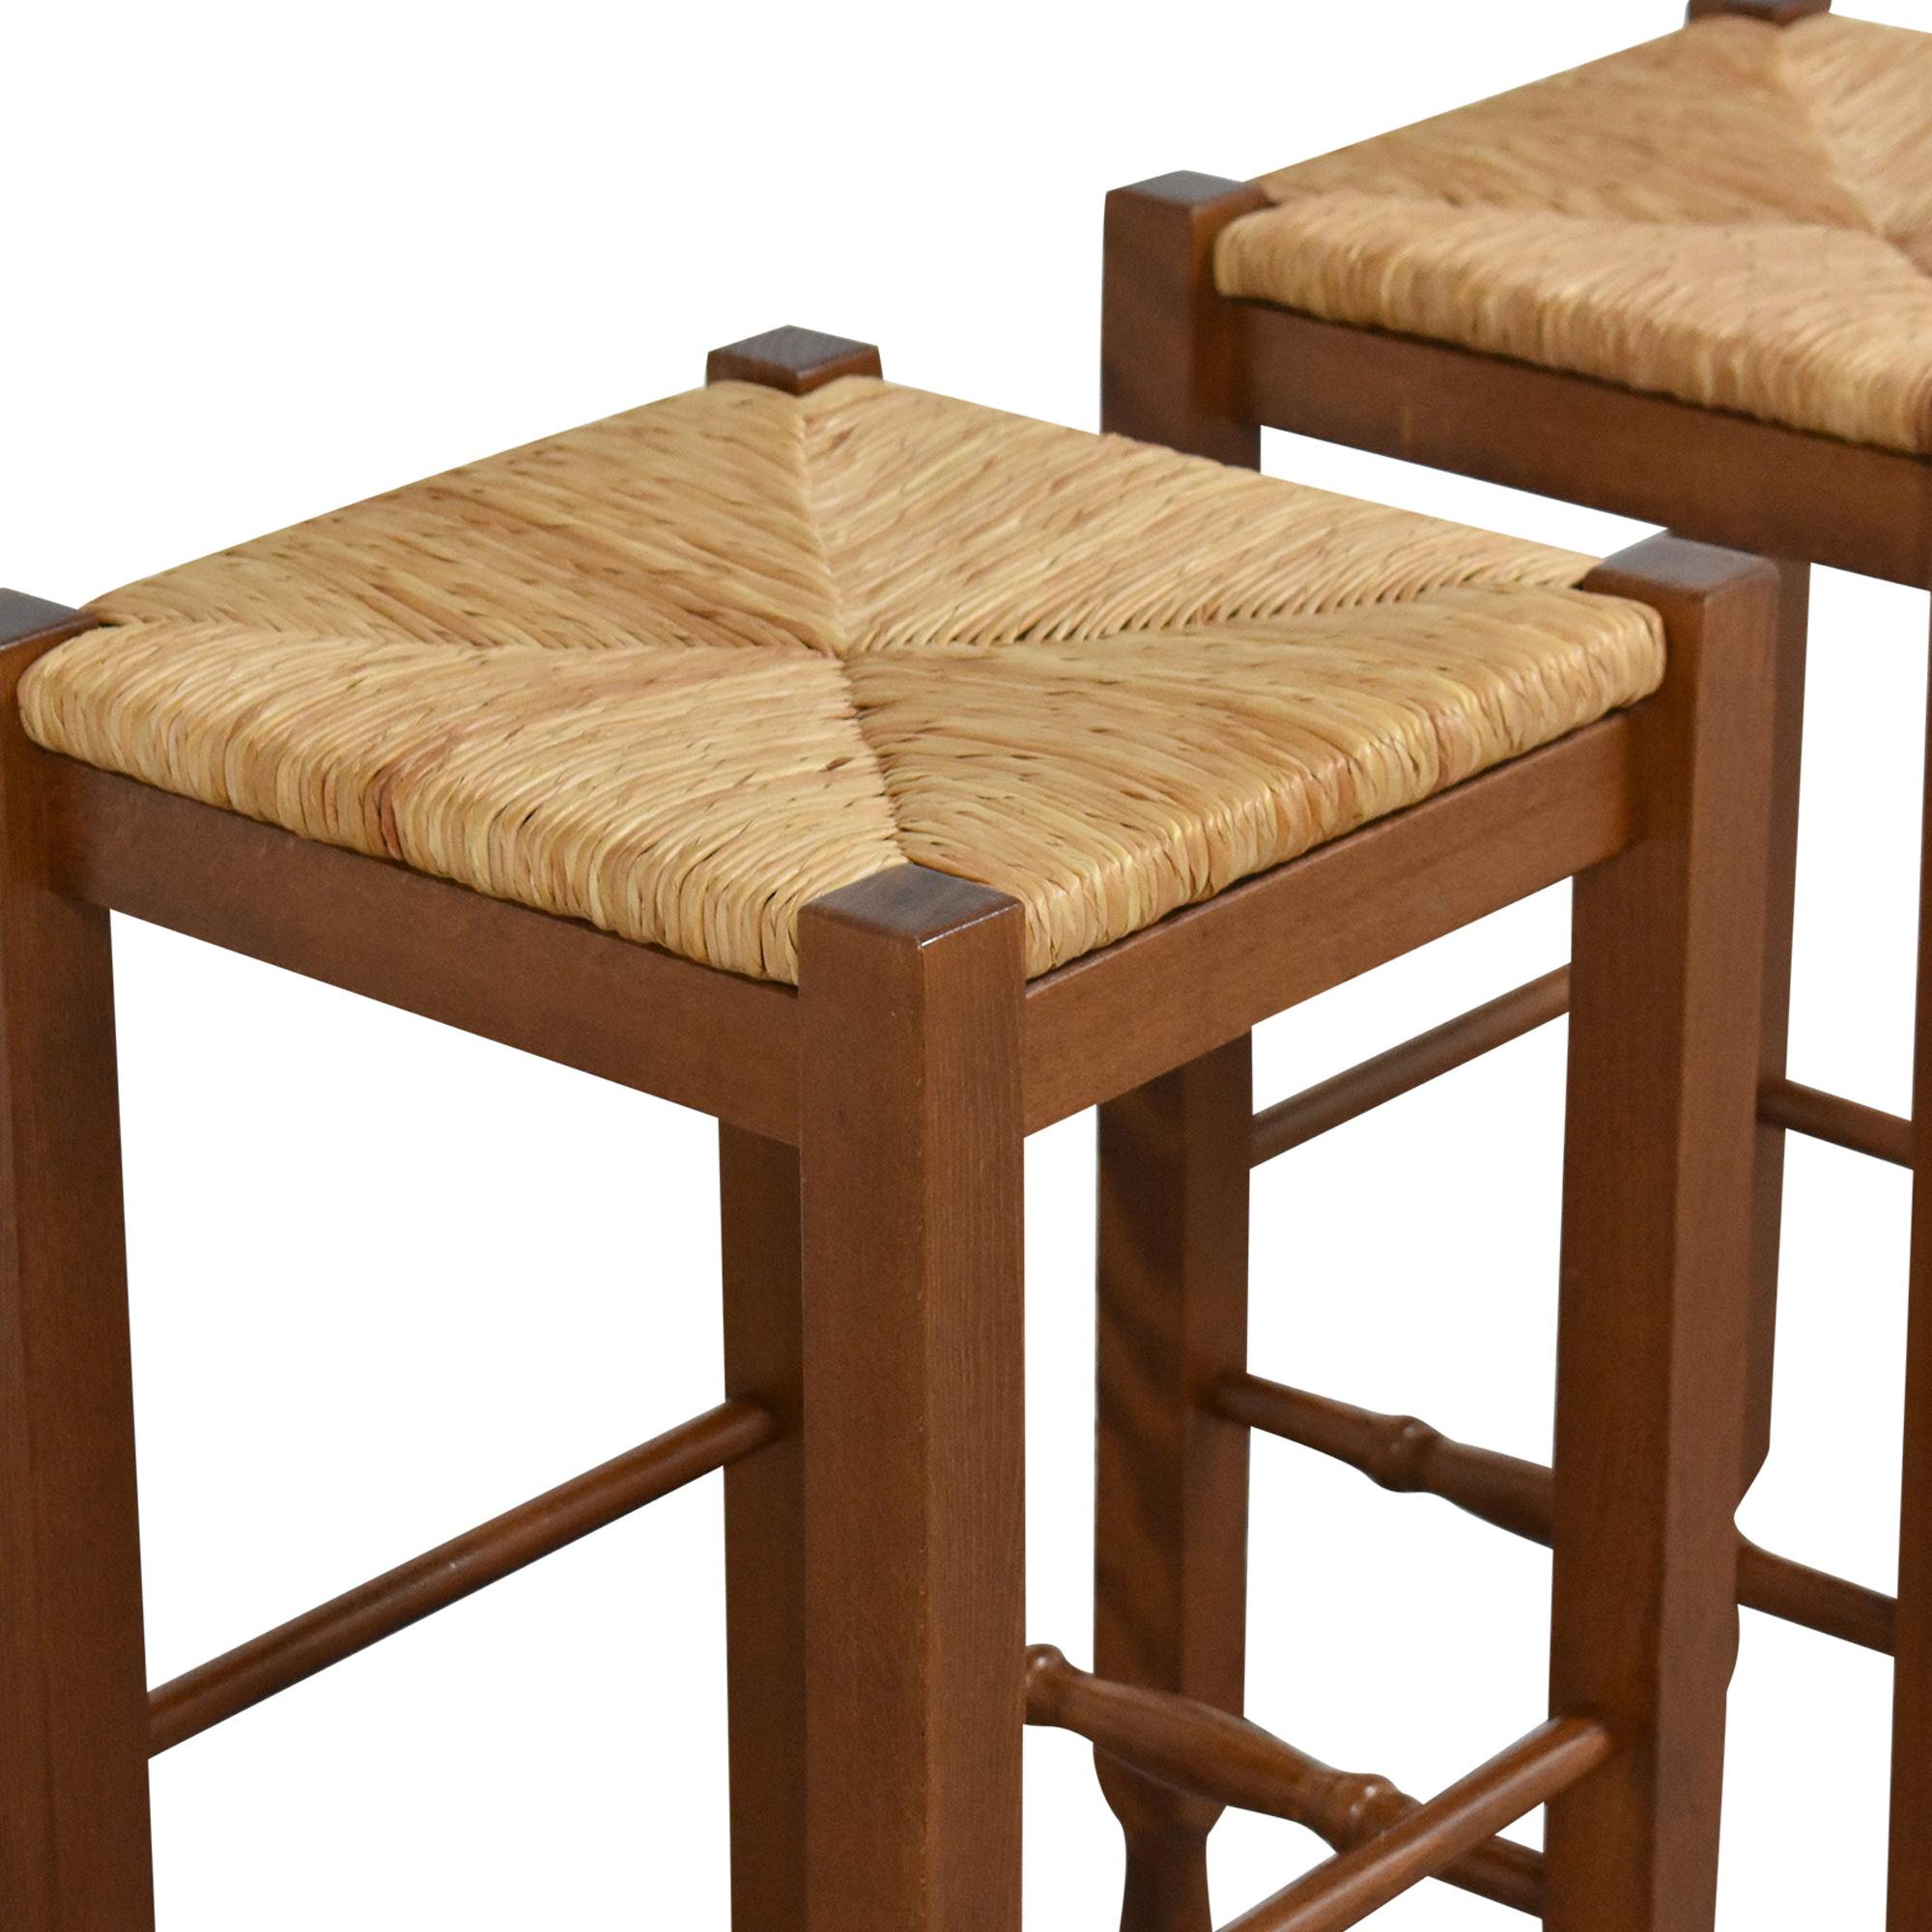 shop Crate & Barrel Woven Backless Stools Crate & Barrel